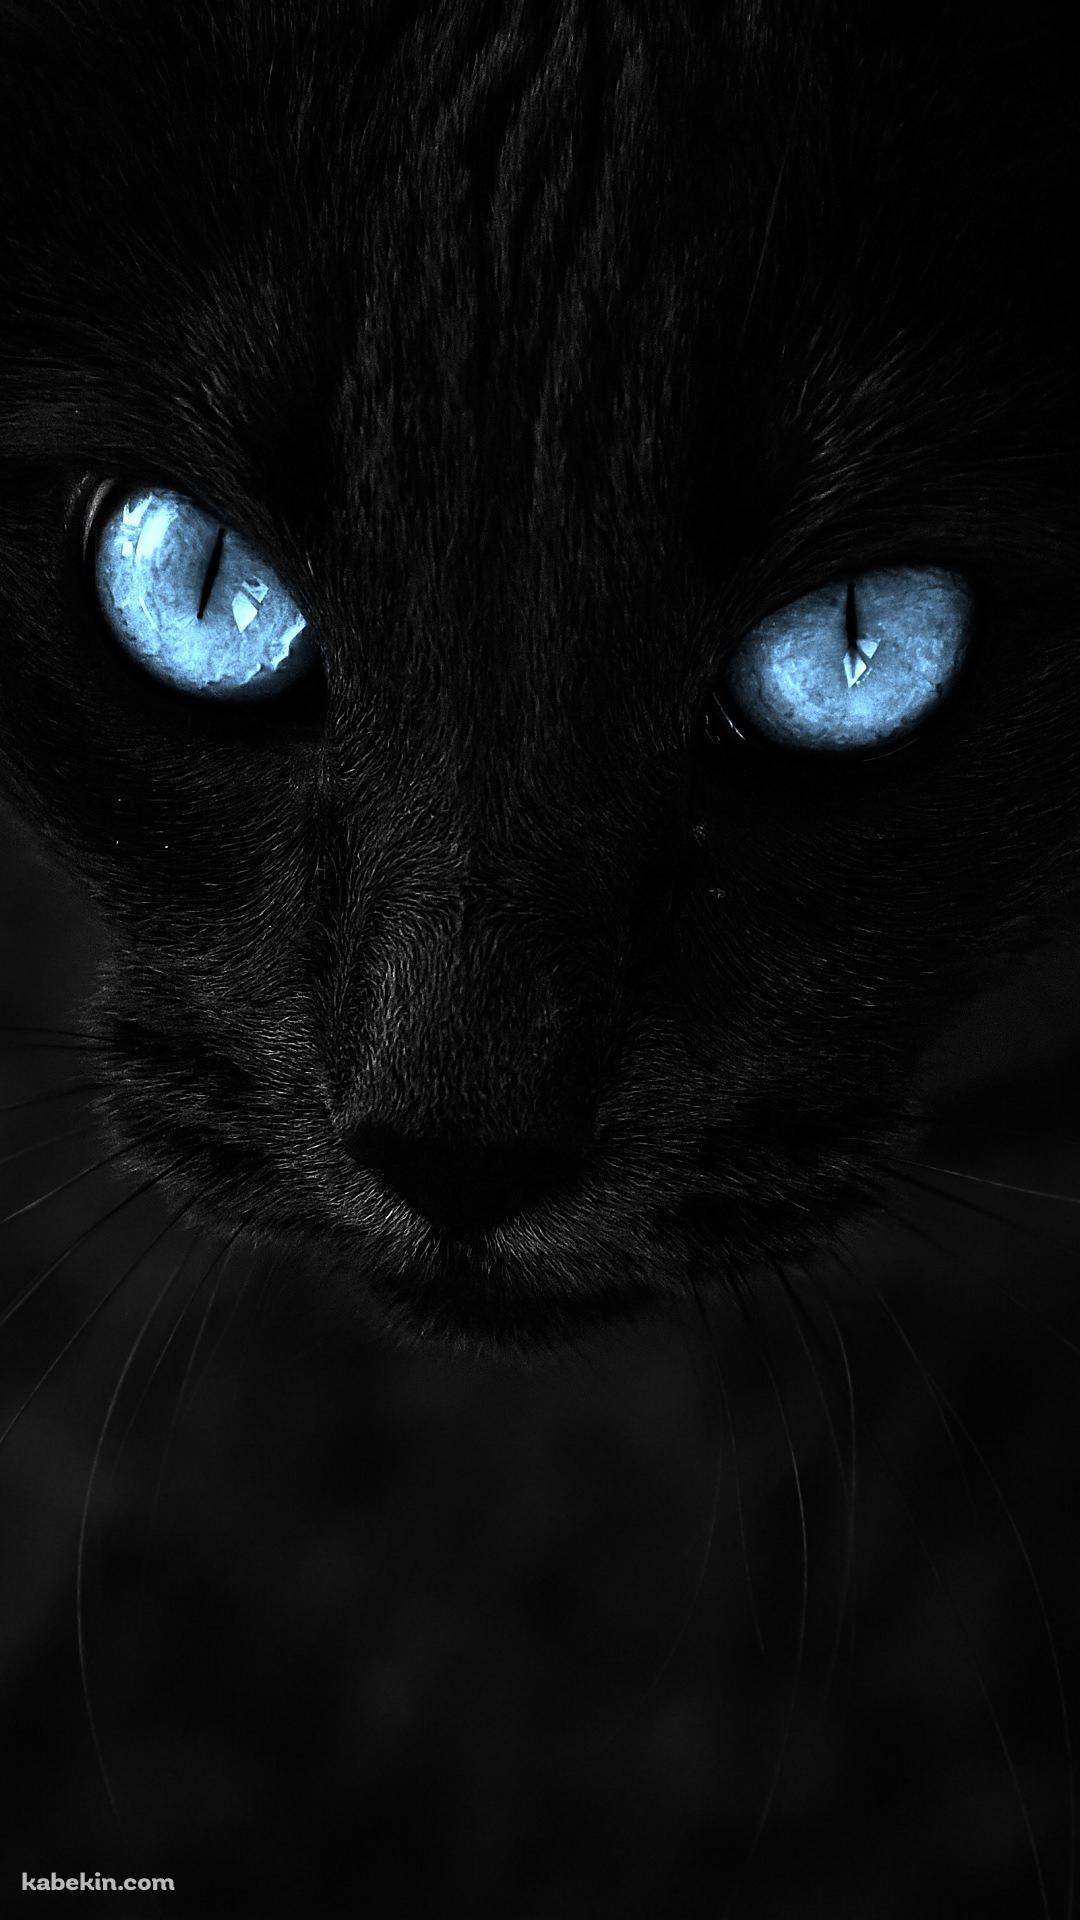 青い目の黒猫のandroid壁紙 1080 X 19 壁紙キングダム スマホ版